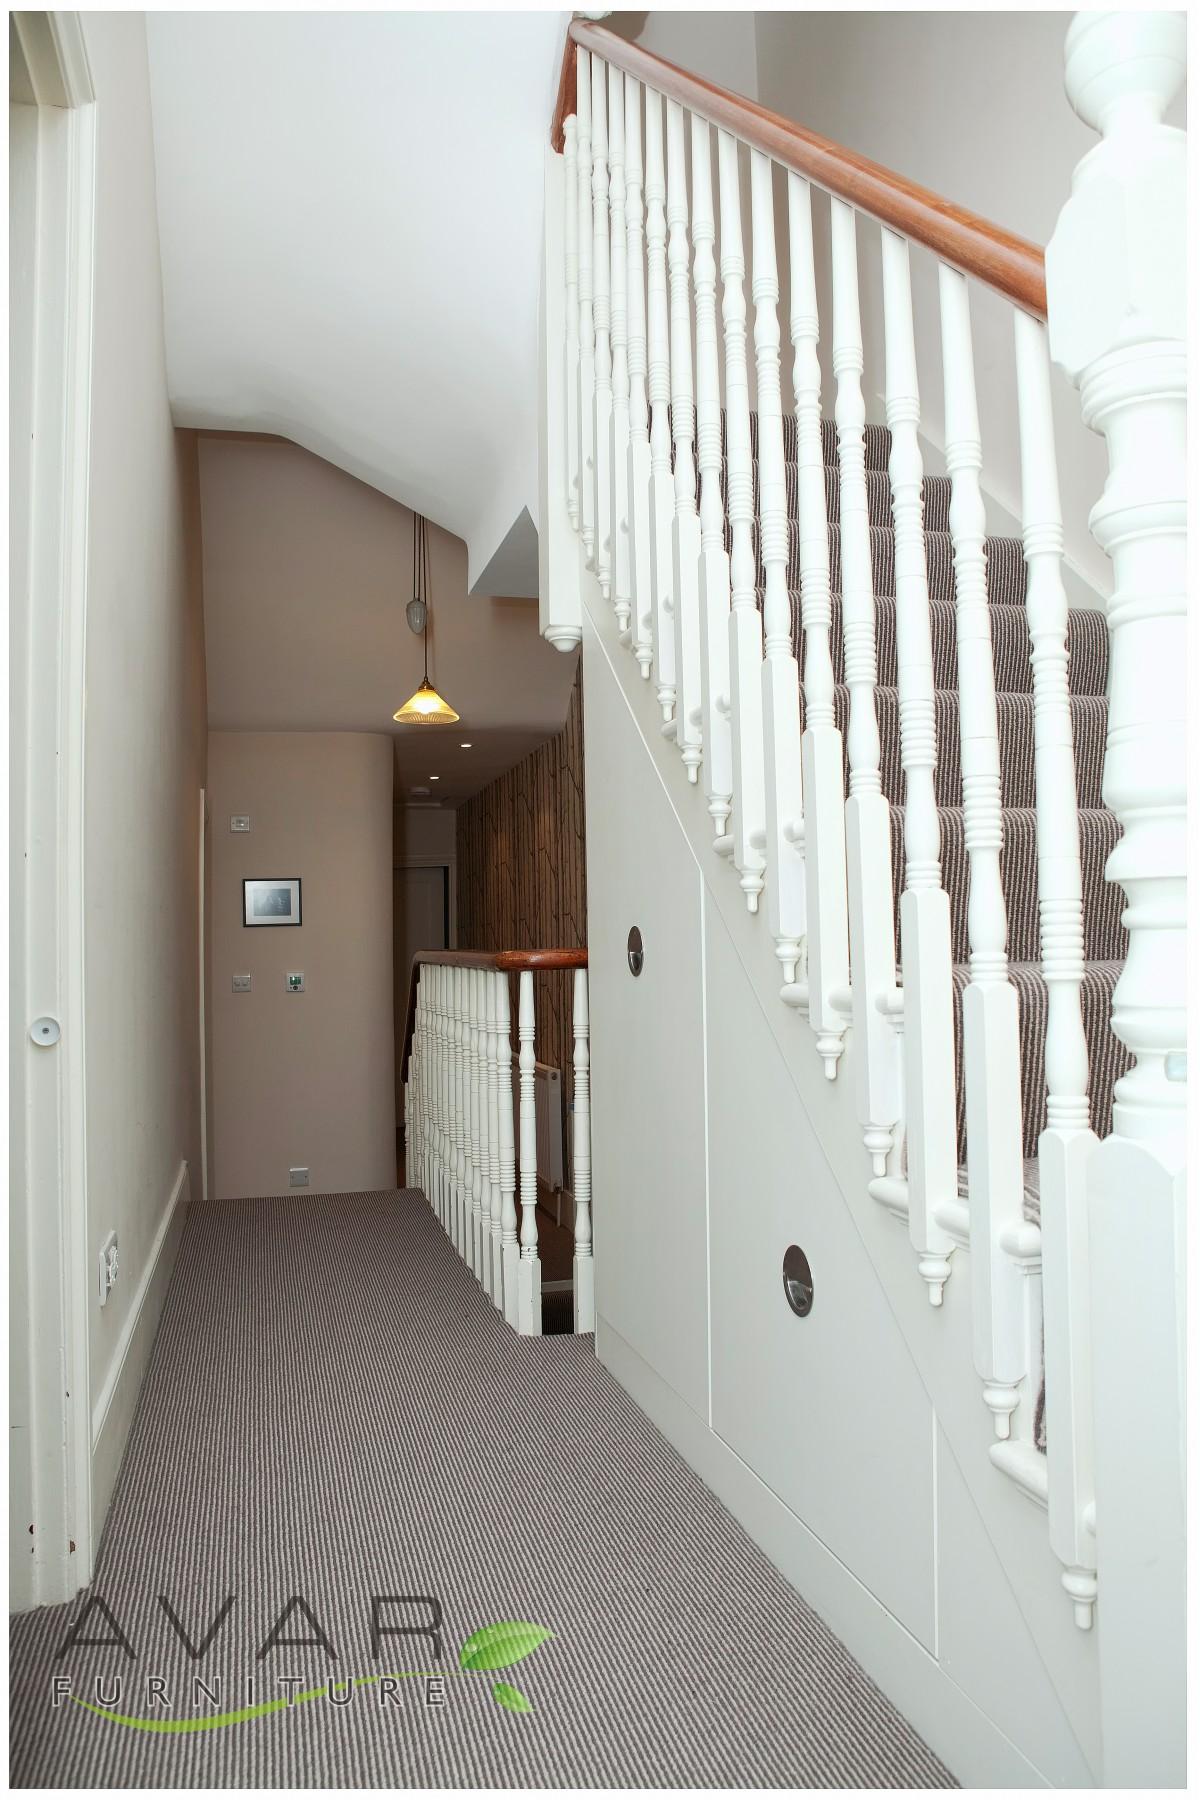 ƸӜƷ under stairs storage ideas | north london, uk | avar furniture